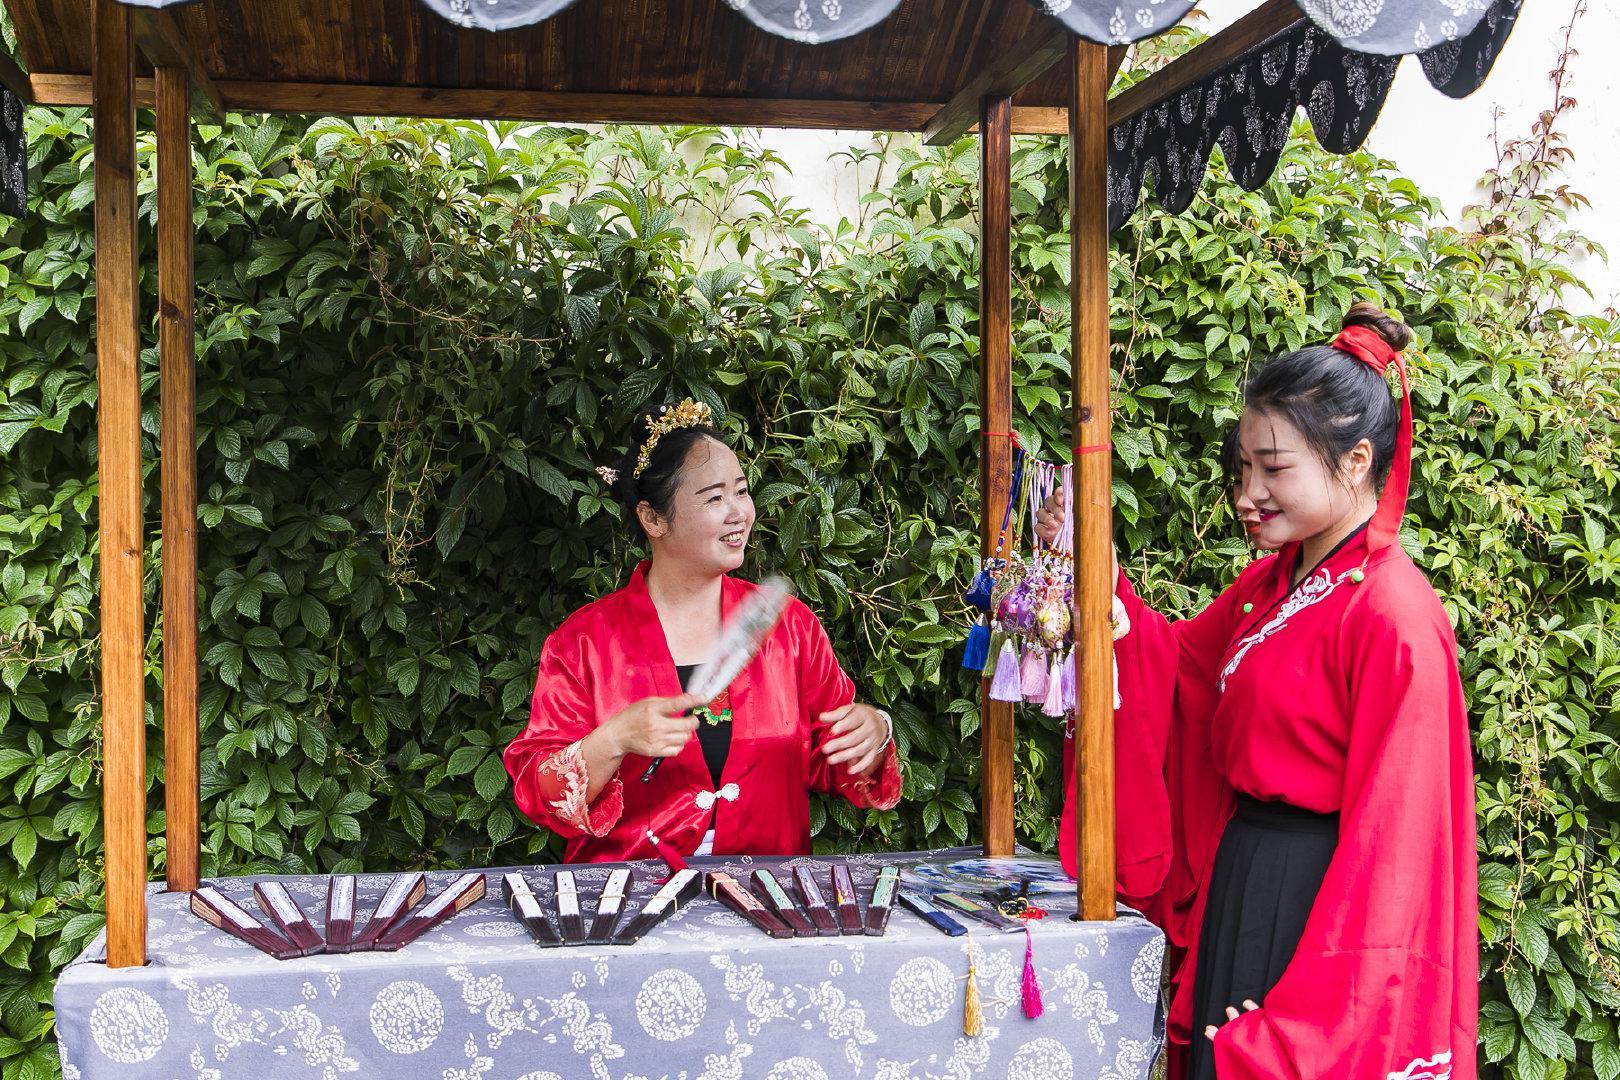 【江西】婺源有一座穿汉服才能进的园林 游客打招呼以古语相称